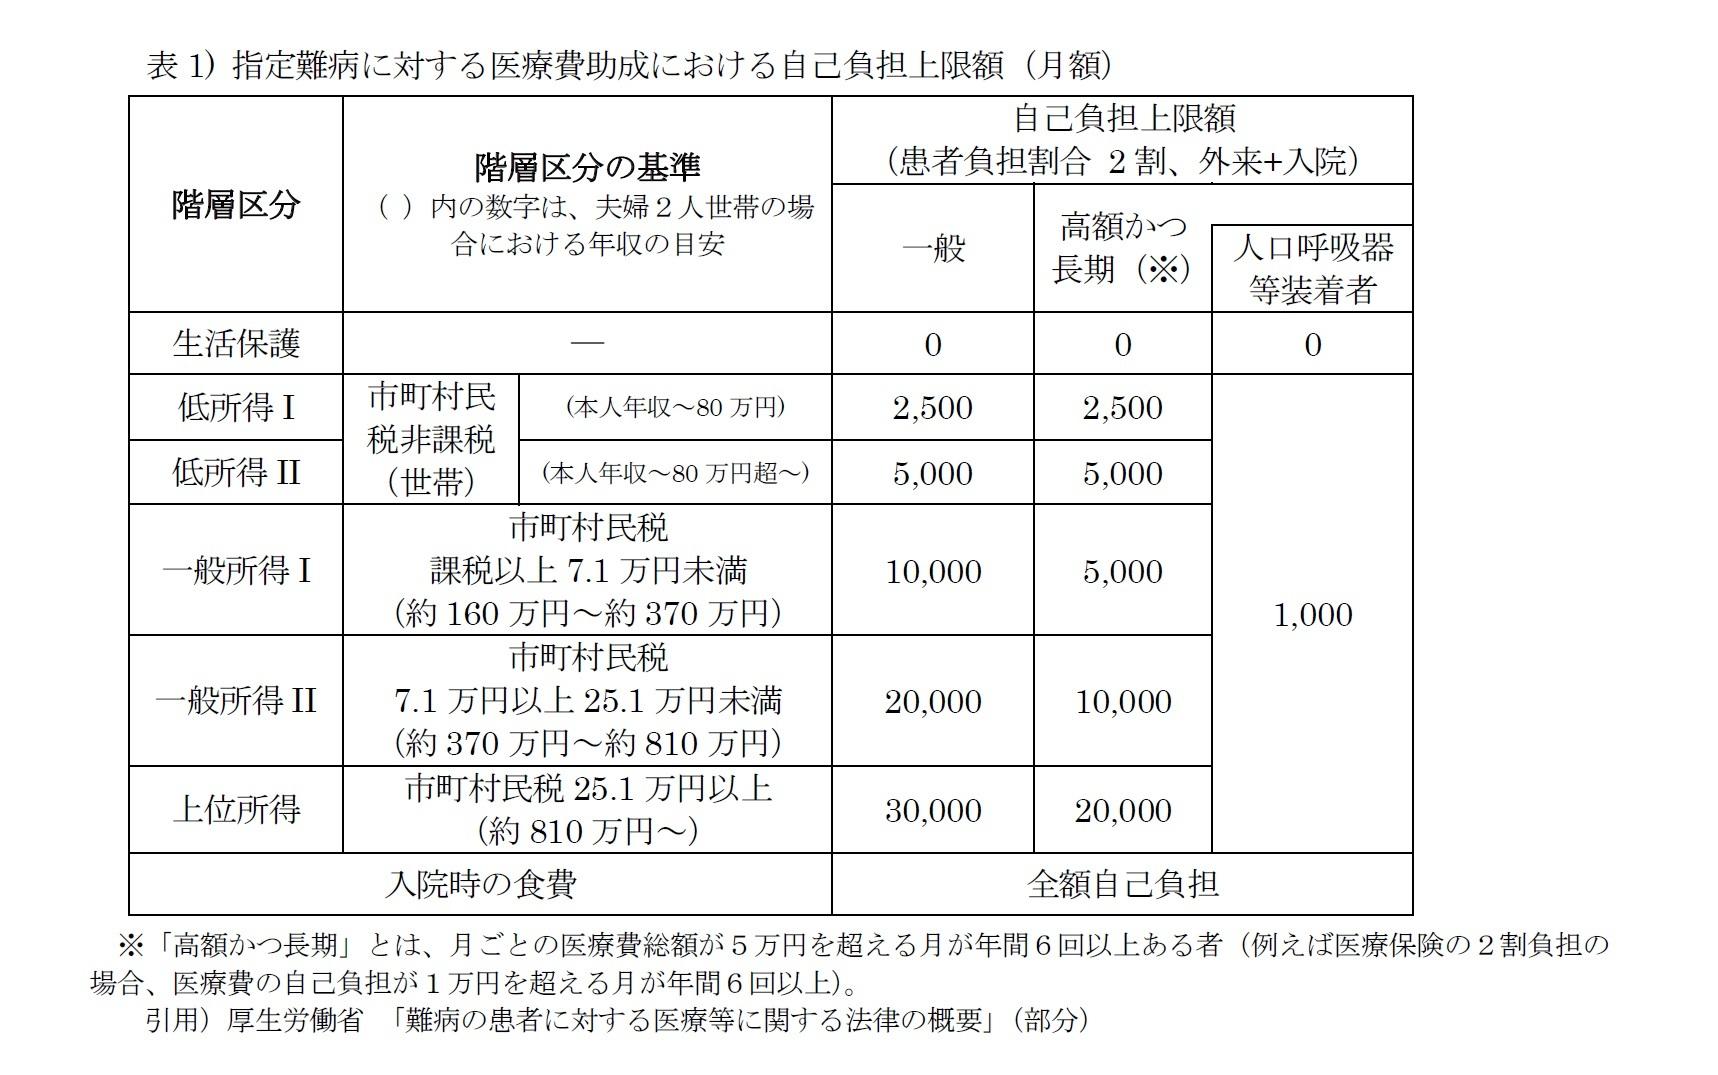 表1) 指定難病に対する医療費助成における自己負担上限額(月額)